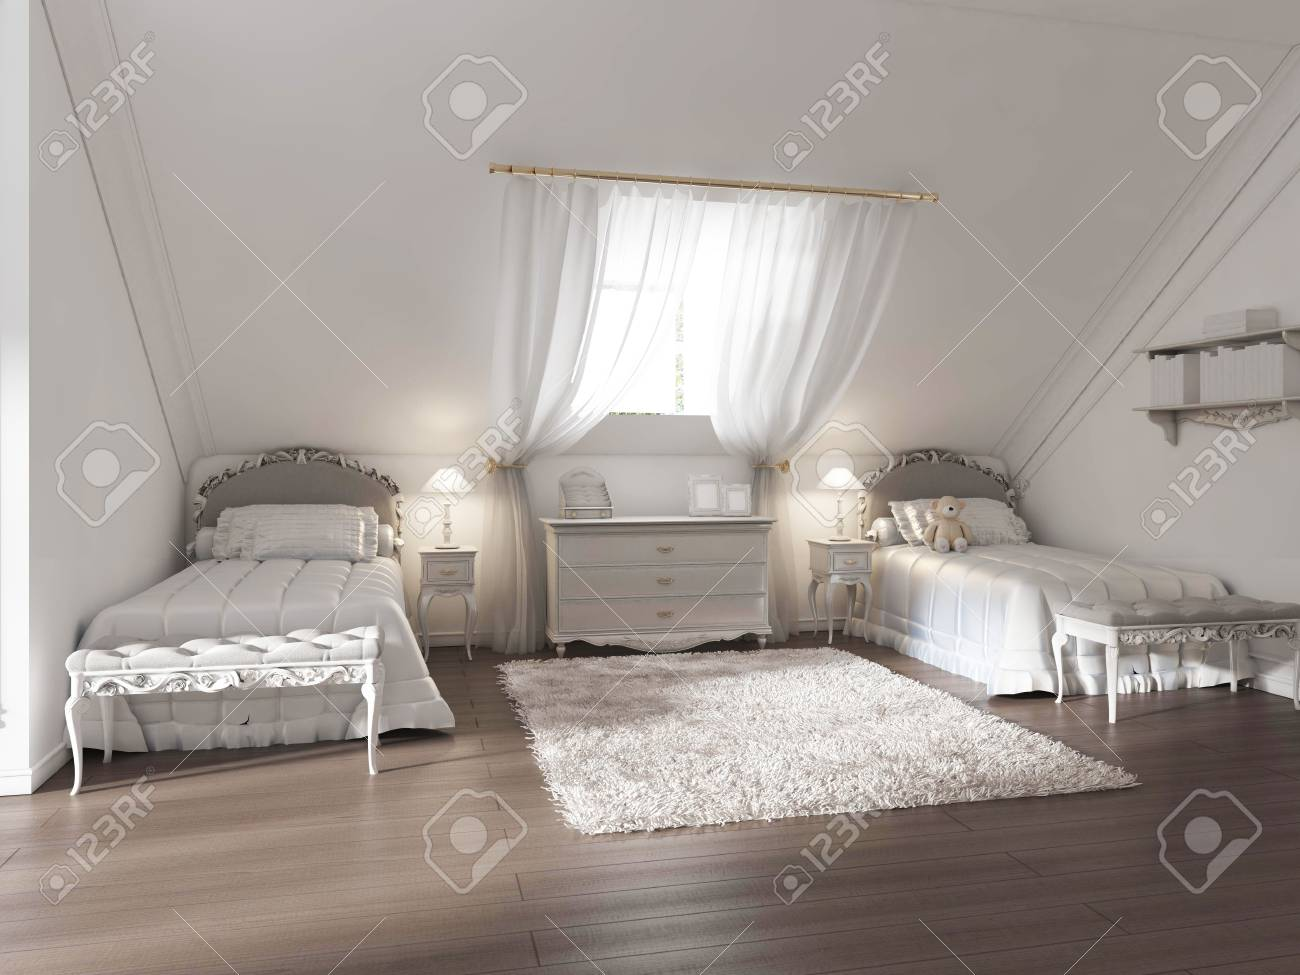 Luxus Kinderzimmer Fur Zwei Kinder Im Art Deco Stil Das Design Ist